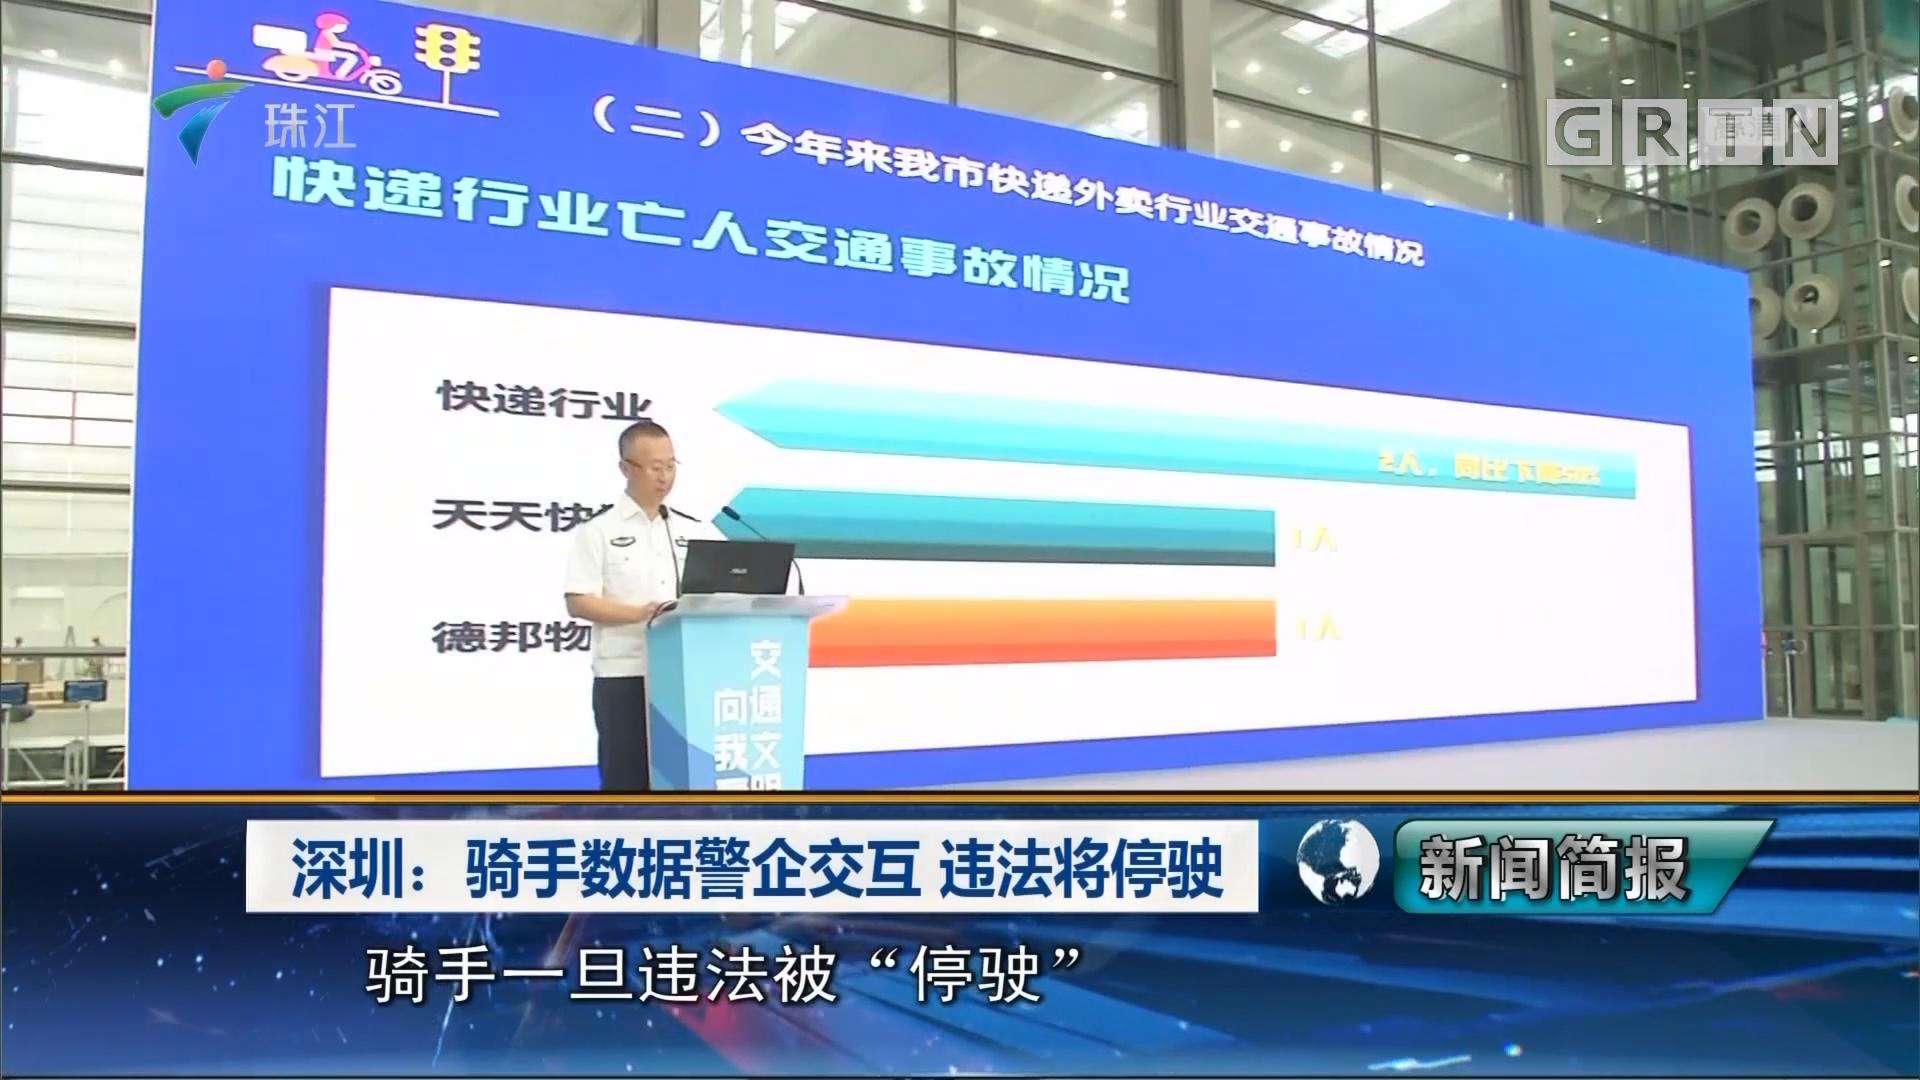 深圳:骑手数据警企交互 违法将停驶